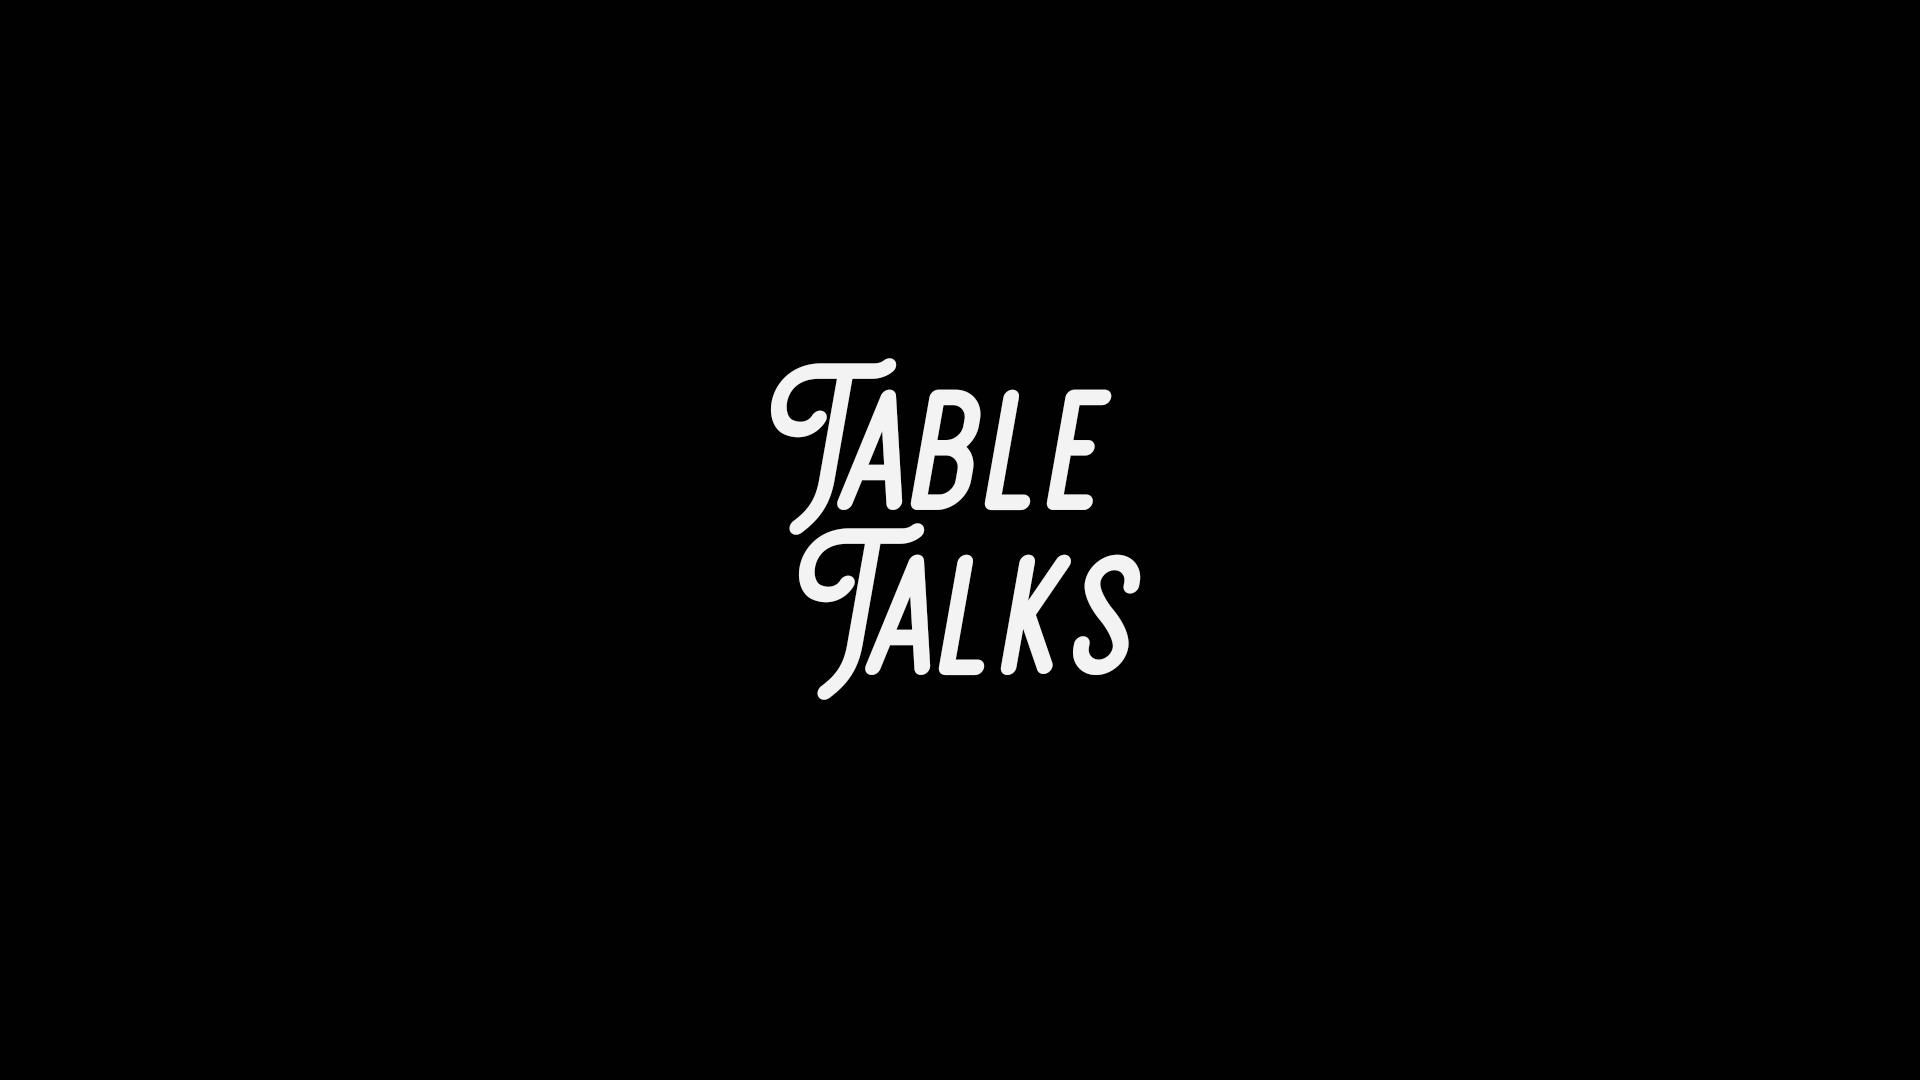 TableTalks_BlackBG.png